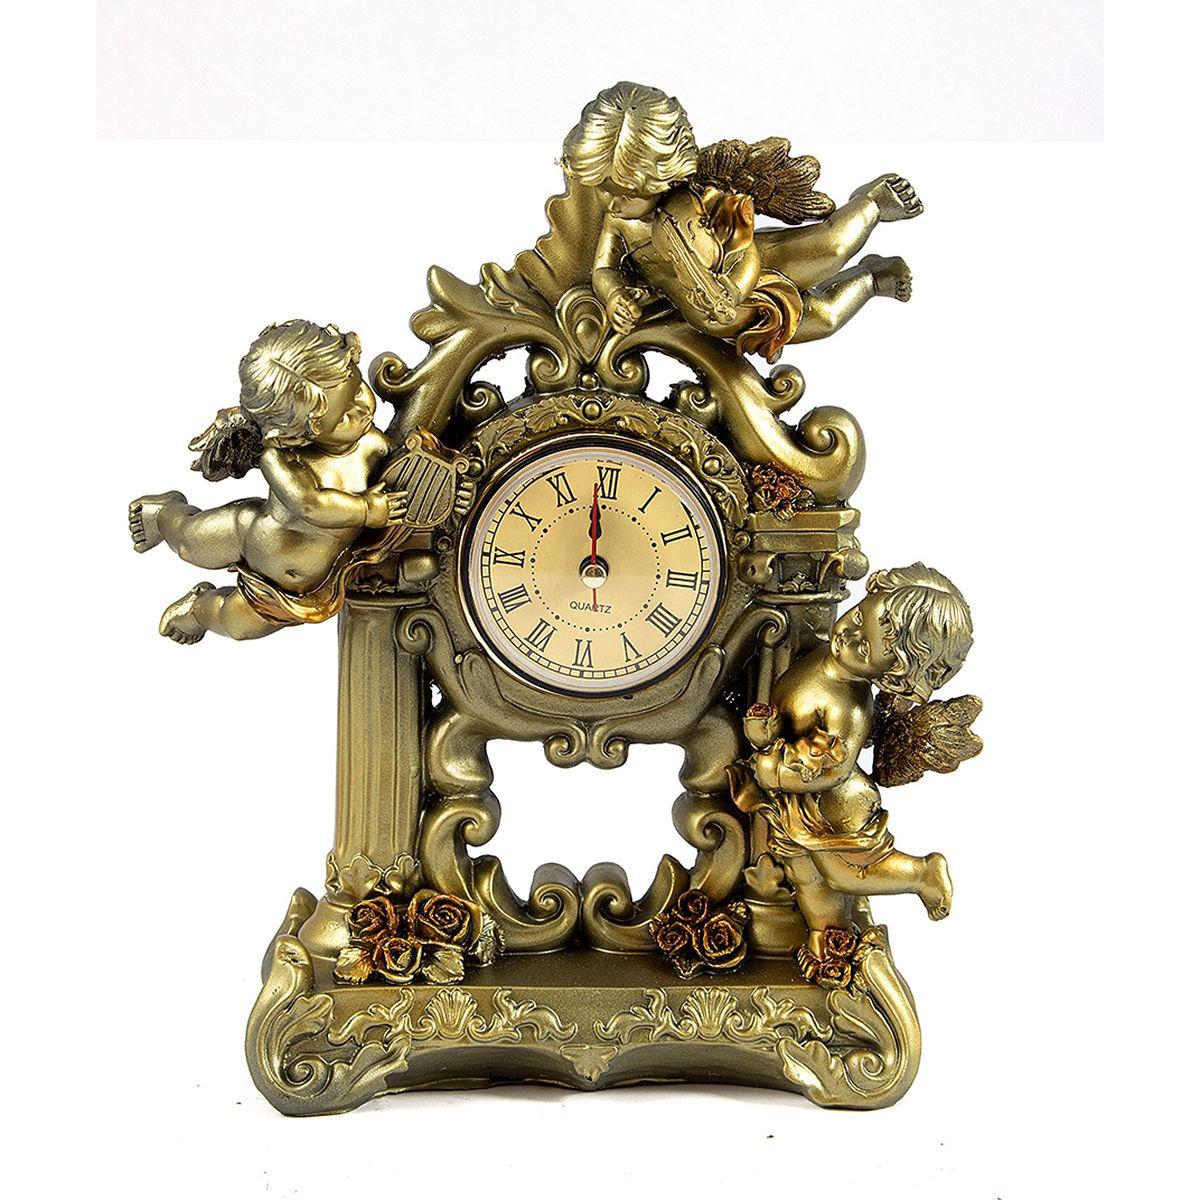 Часы настольные Русские Подарки Ангелы, 16 х 23 см. 5942259422Настольные кварцевые часы Русские Подарки Ангелы изготовлены из полистоуна, циферблат защищен стеклом. Часы имеют три стрелки - часовую, минутную и секундную. Изящные часы красиво и оригинально оформят интерьер дома или рабочий стол в офисе. Также часы могут стать уникальным, полезным подарком для родственников, коллег, знакомых и близких. Часы работают от батареек типа АА (в комплект не входят).